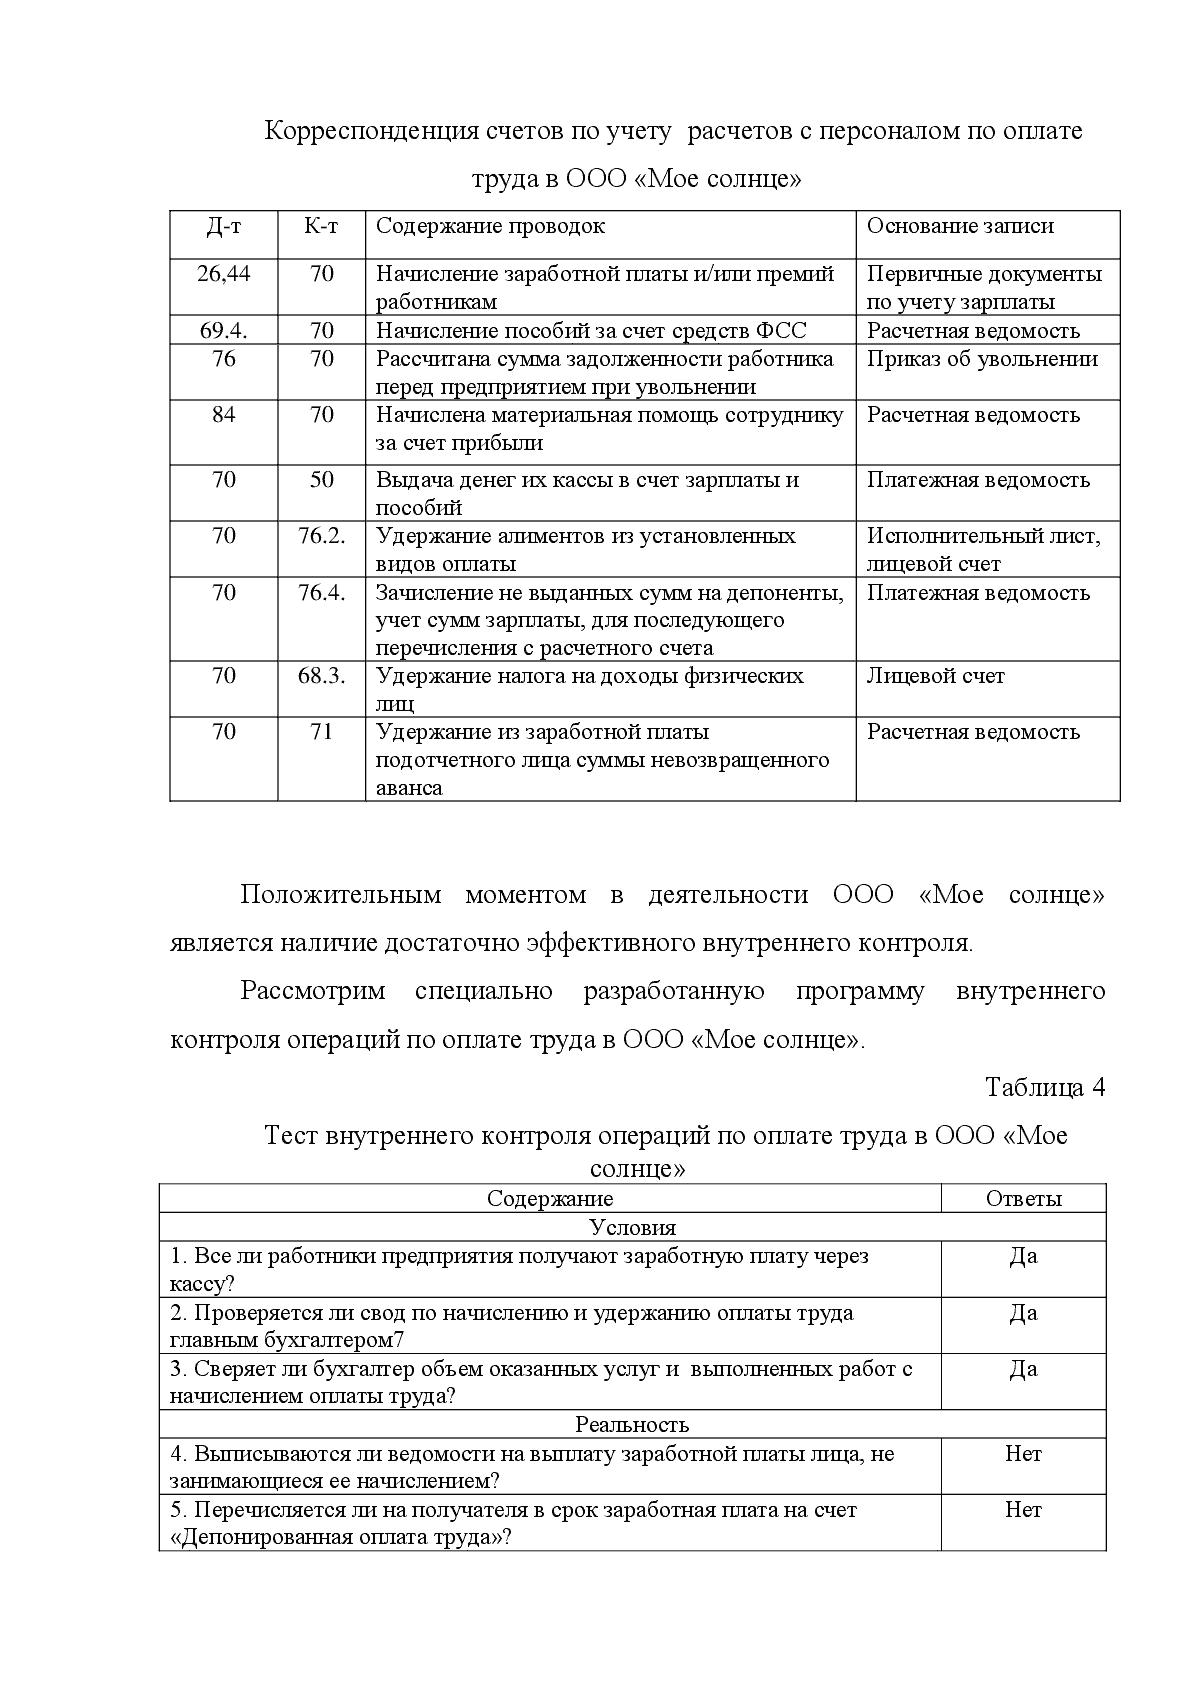 Отчет по производственной практике экономиста дневник 8485